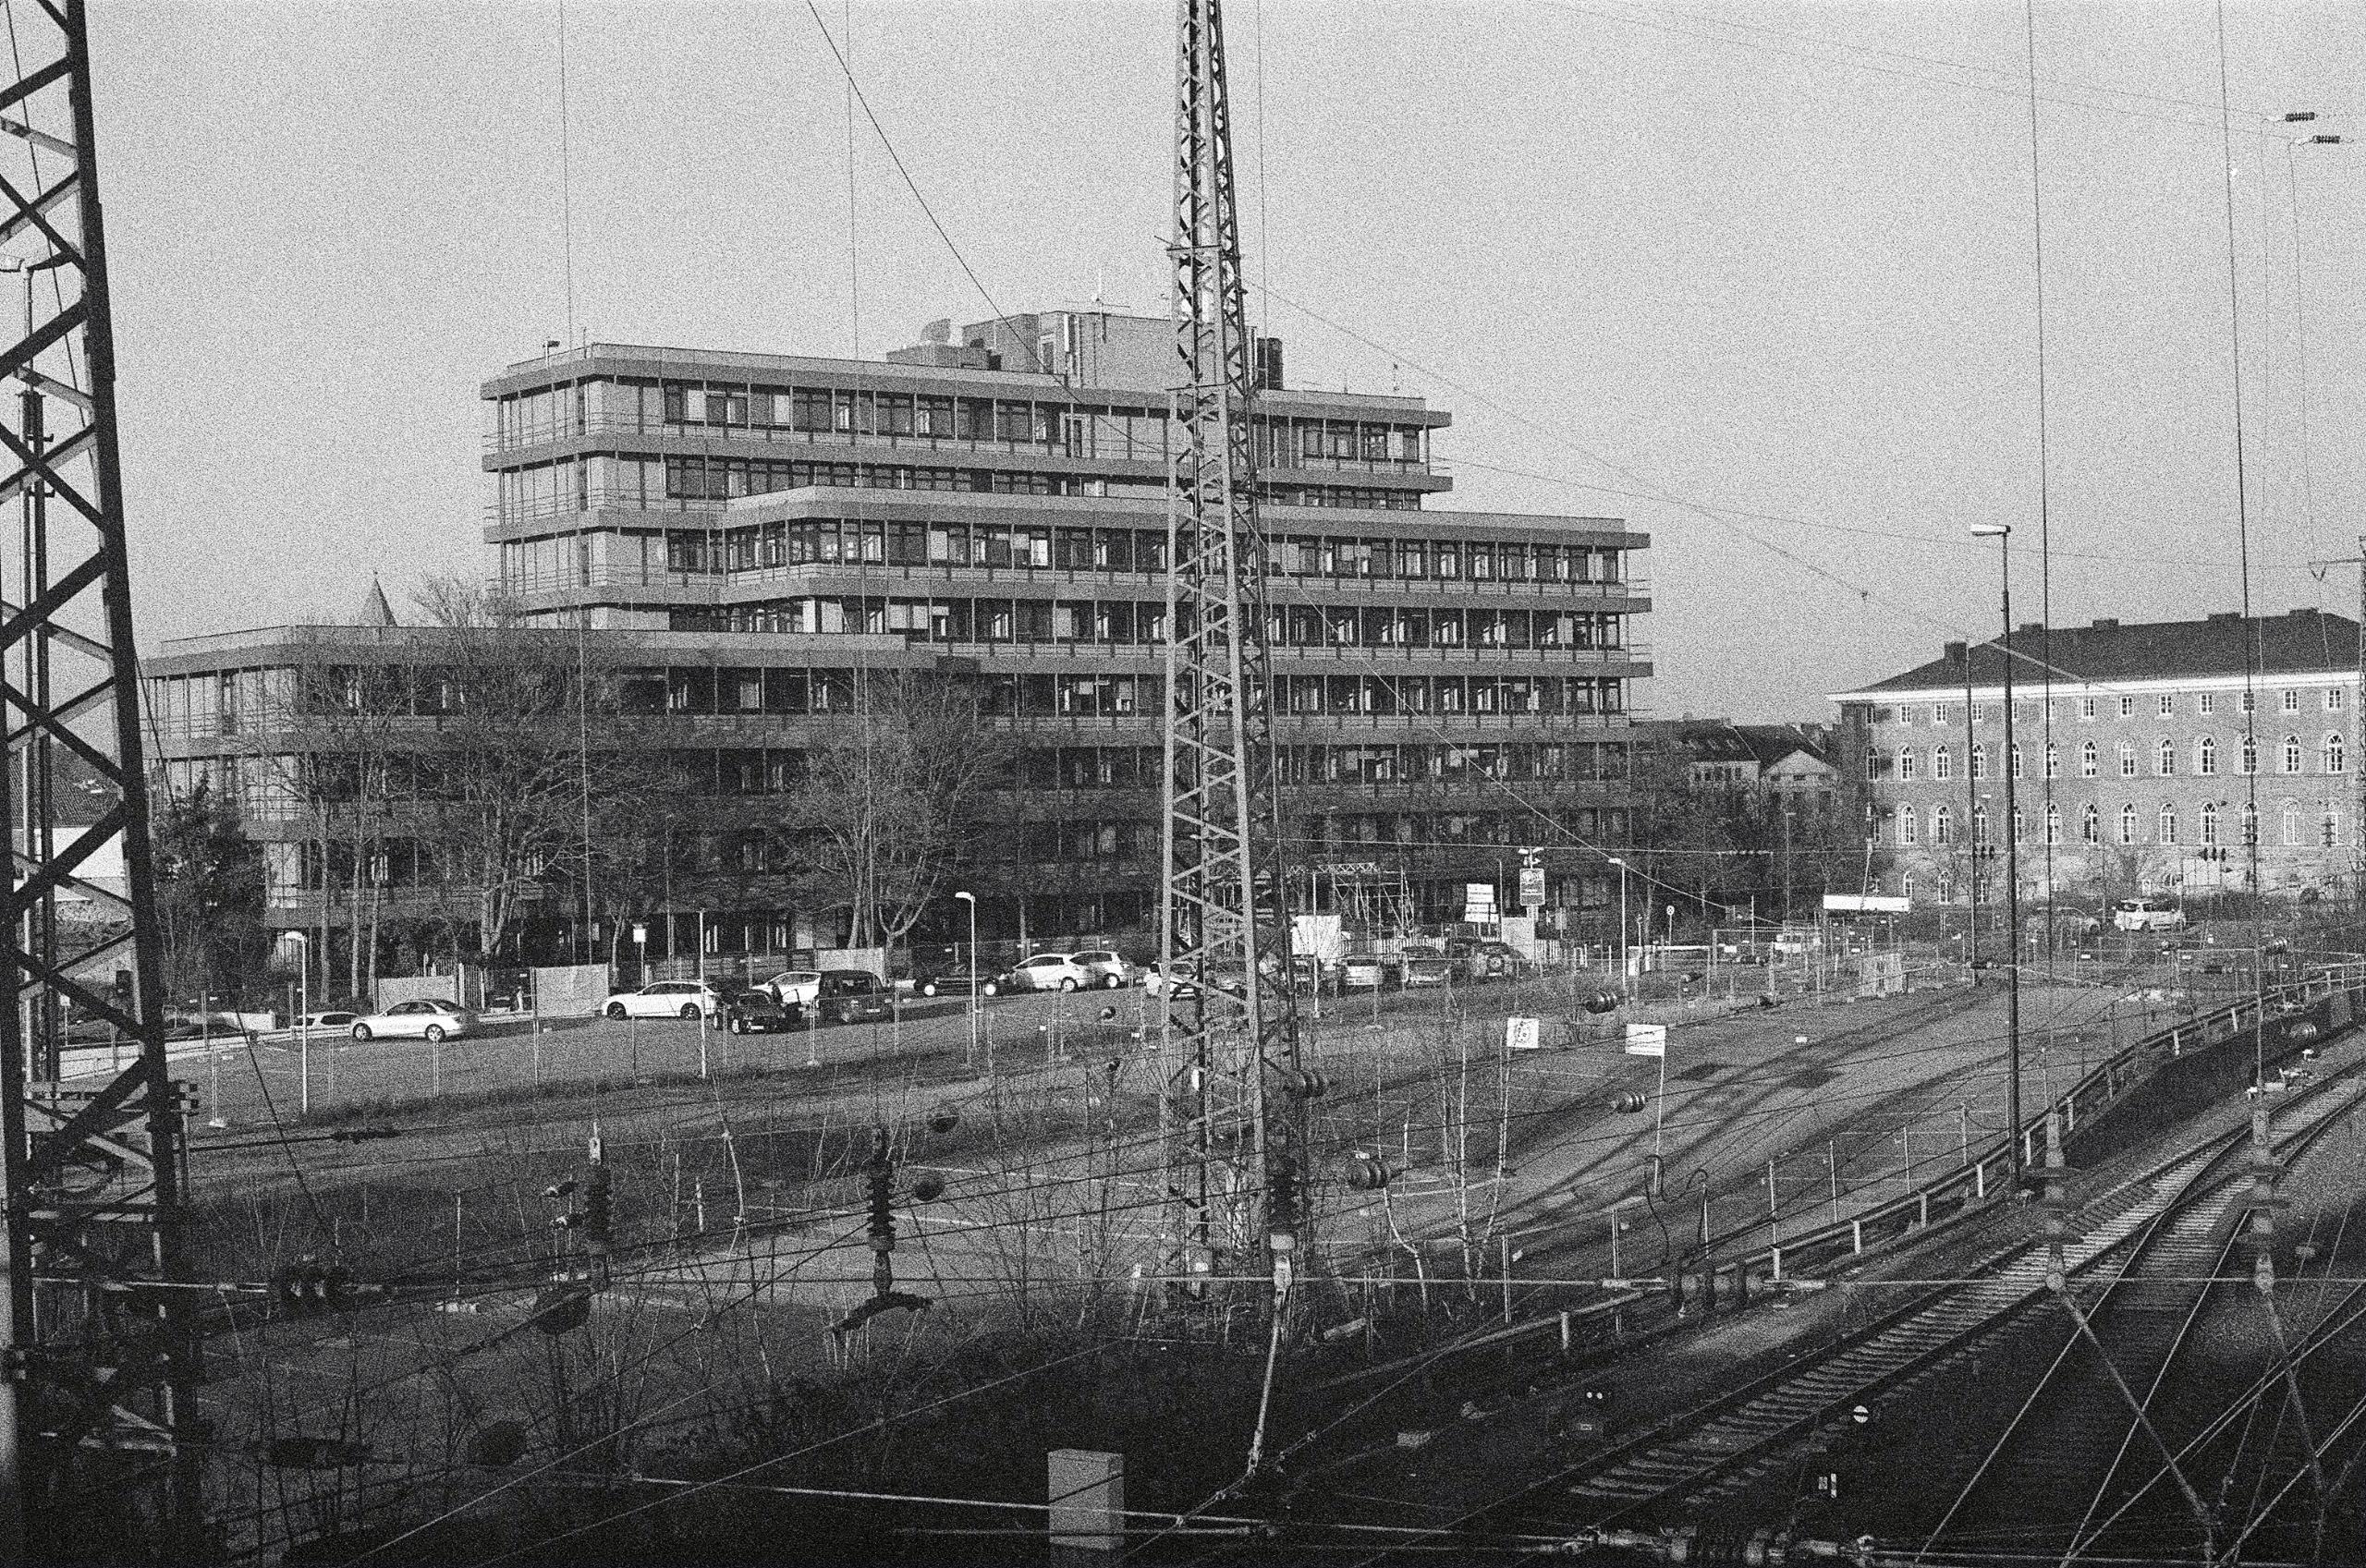 Verwaltungsgebäude Lagerhausstr - walter_ac | ello